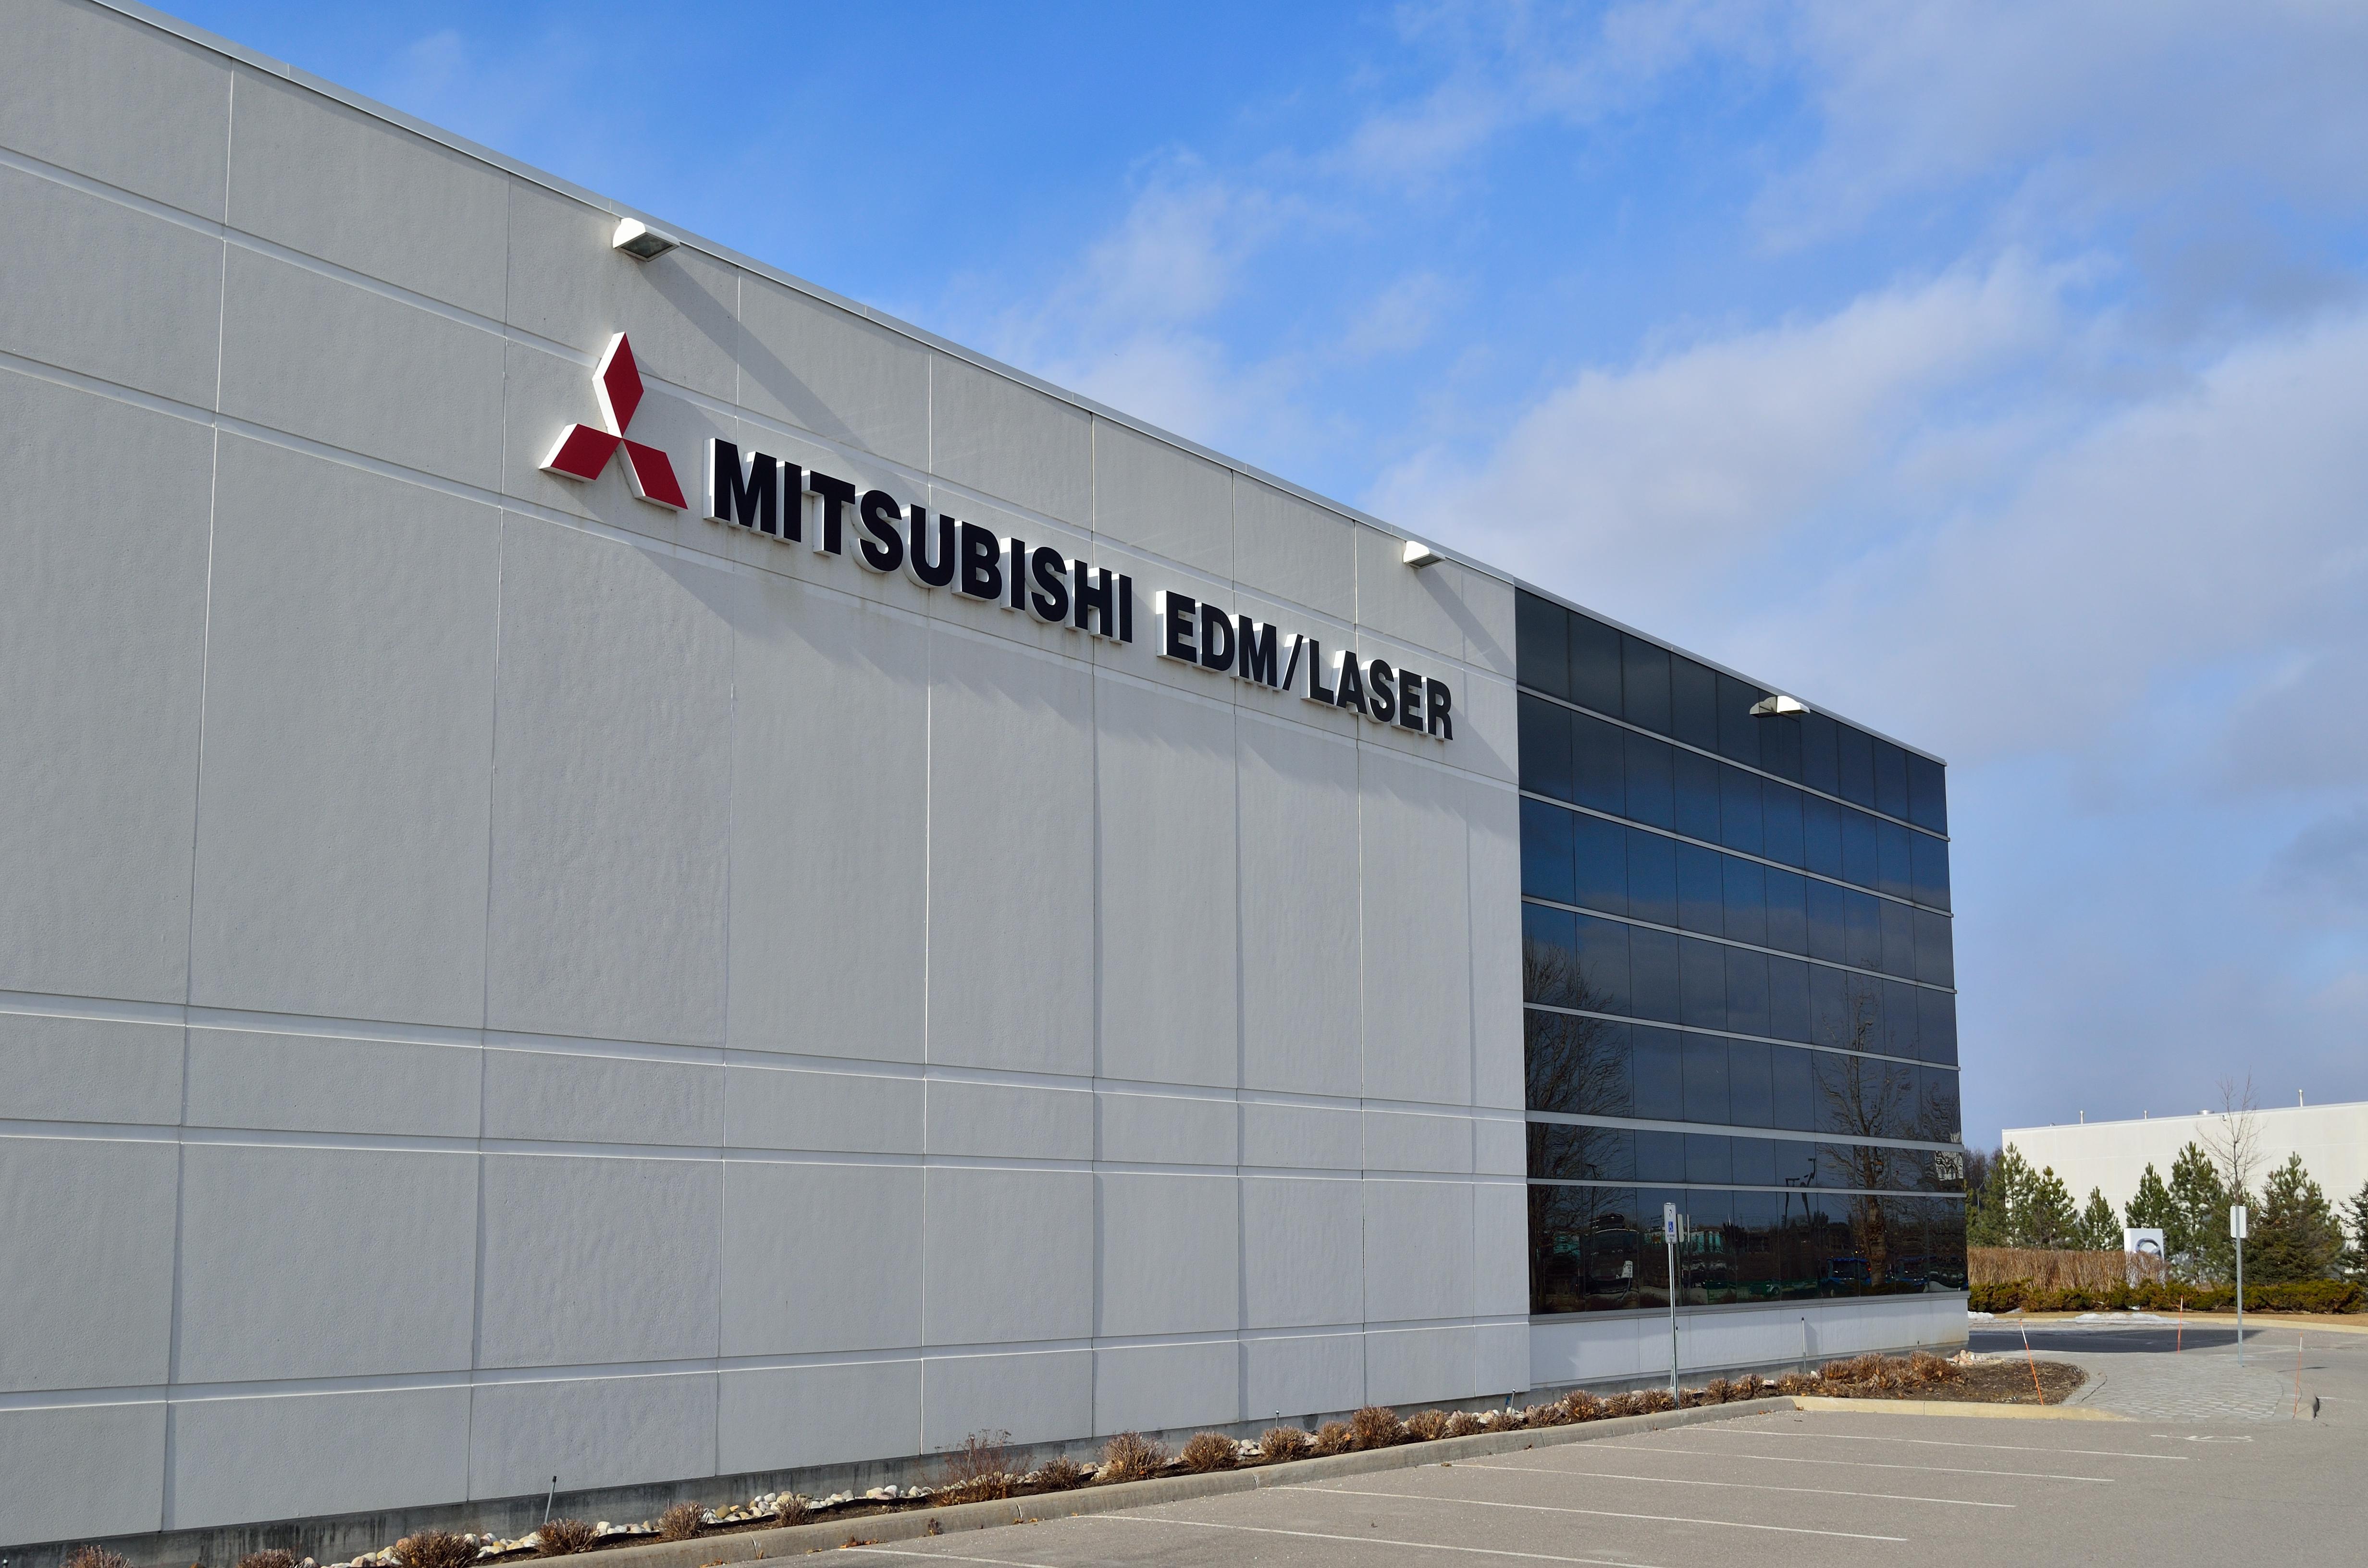 Mitsubishi Wikiwand